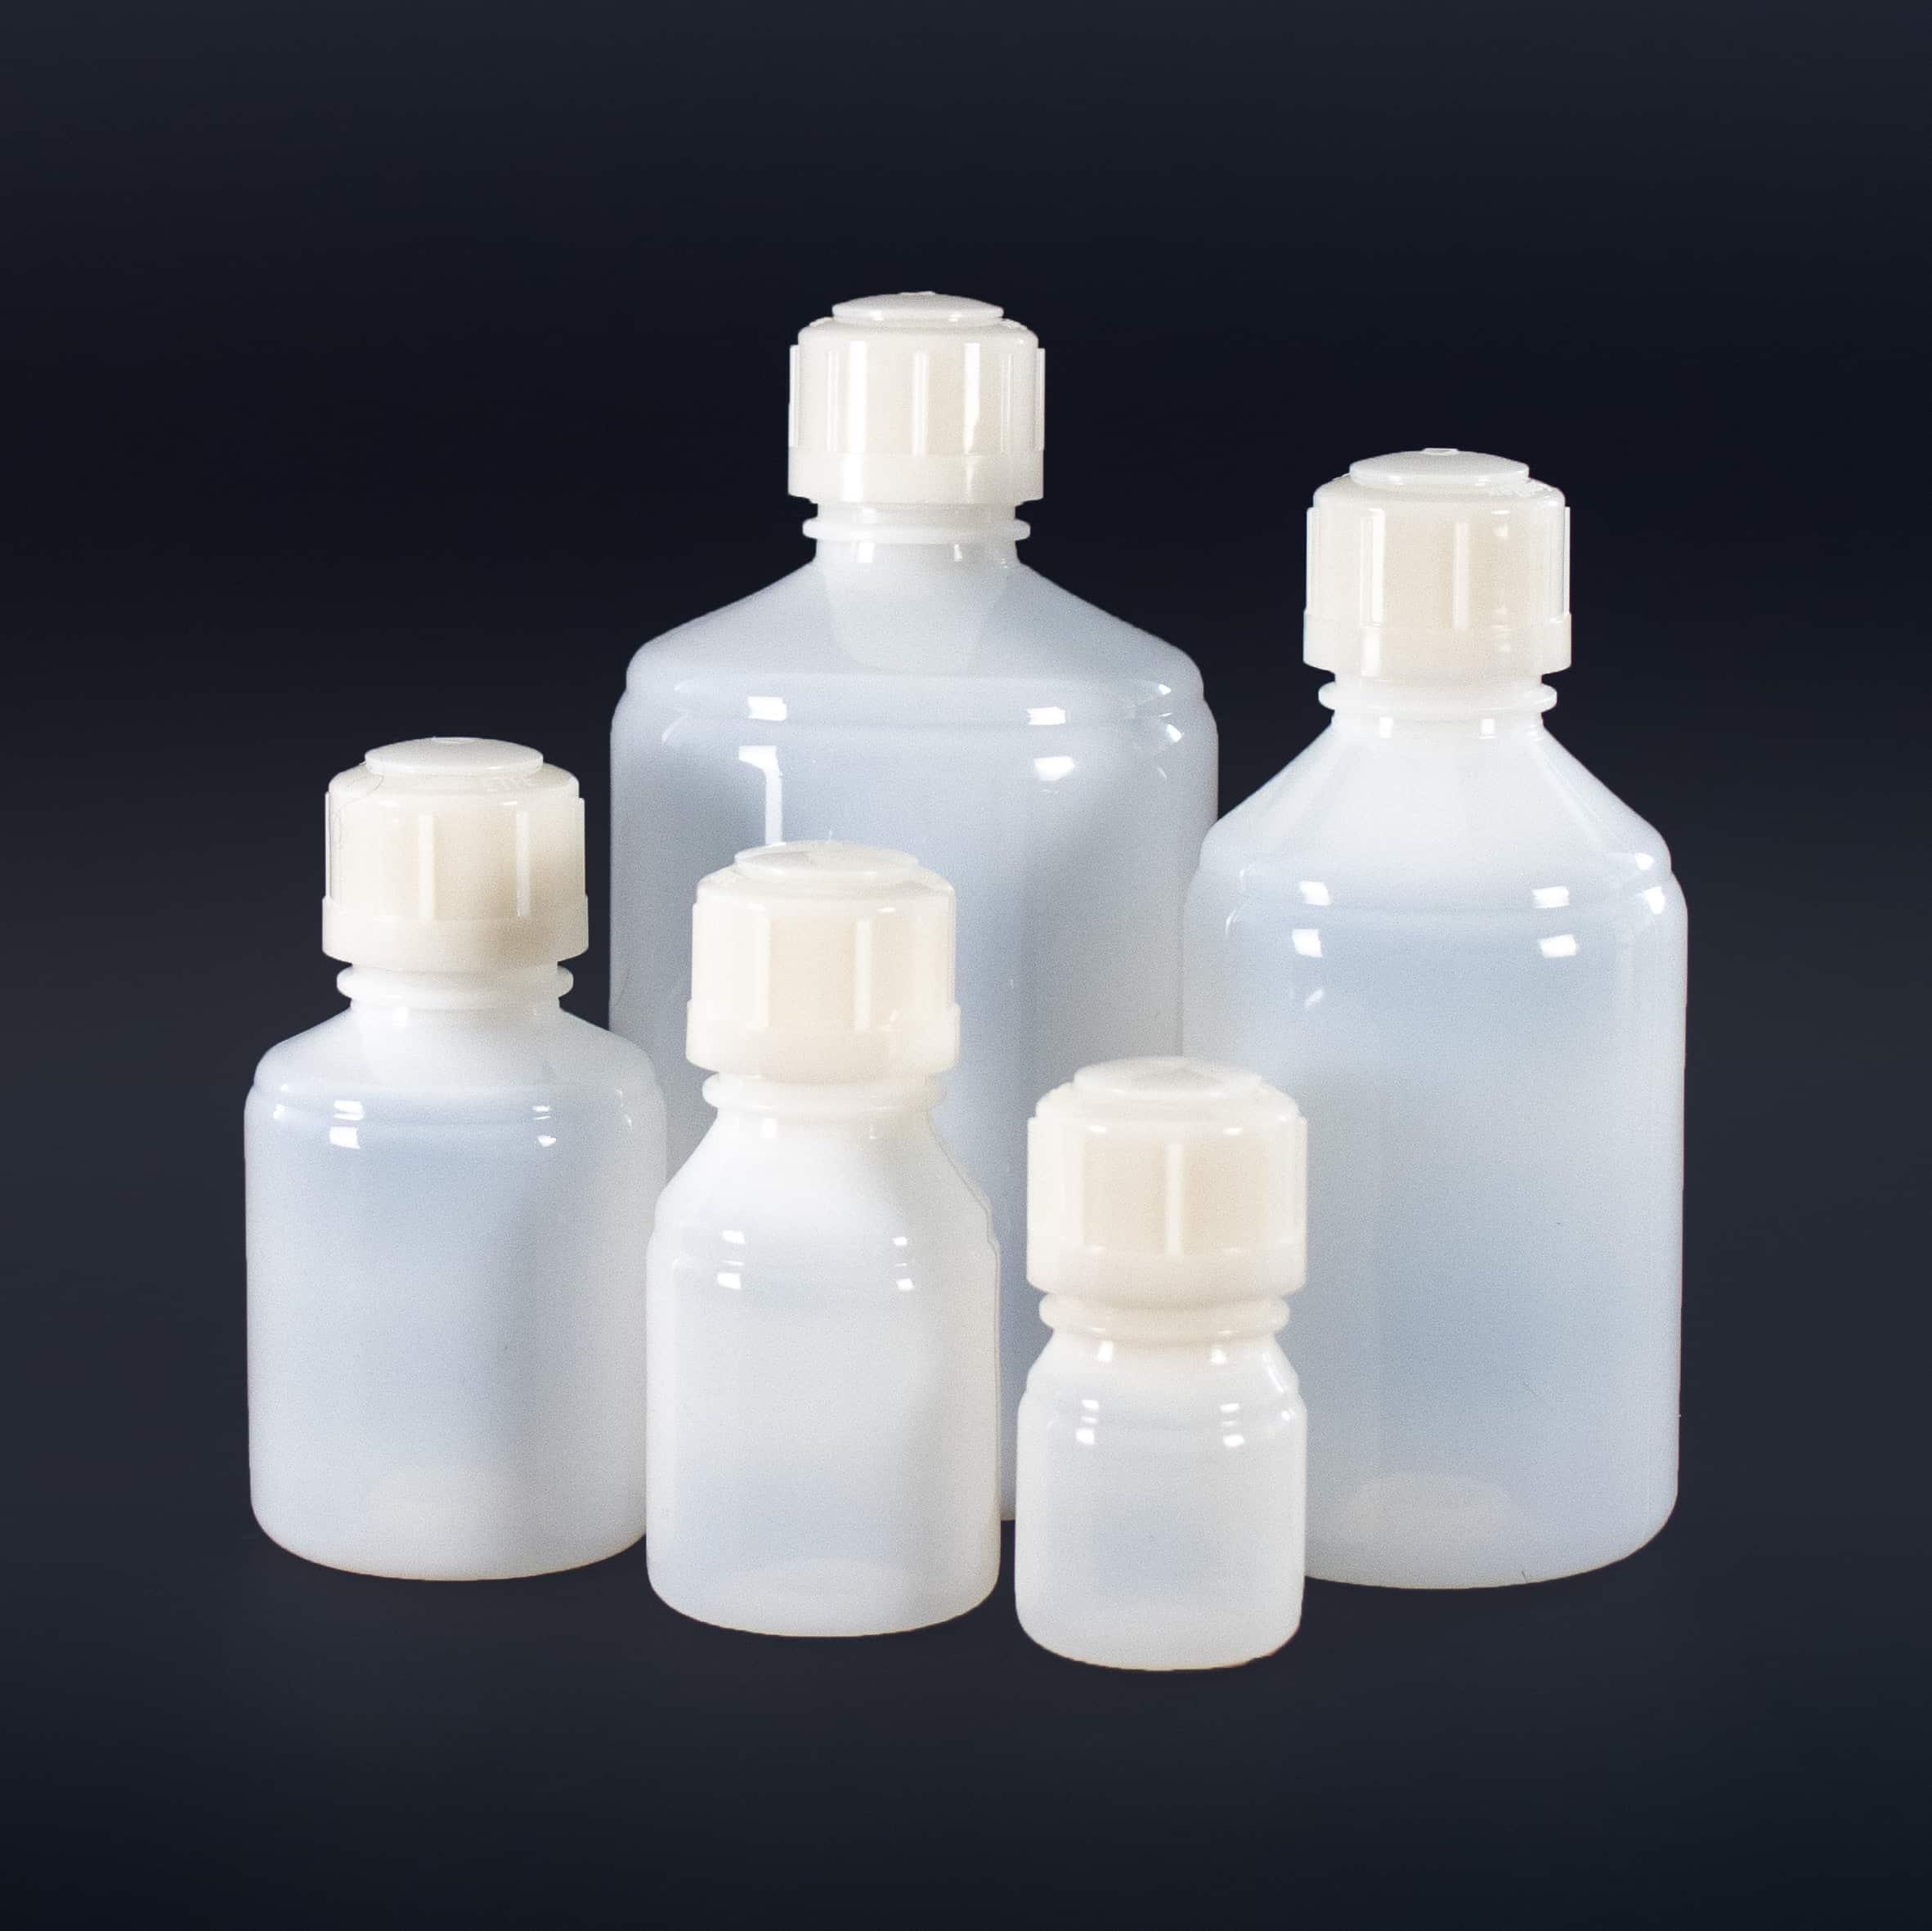 Bags versus bottles for bulk drug substance shipping